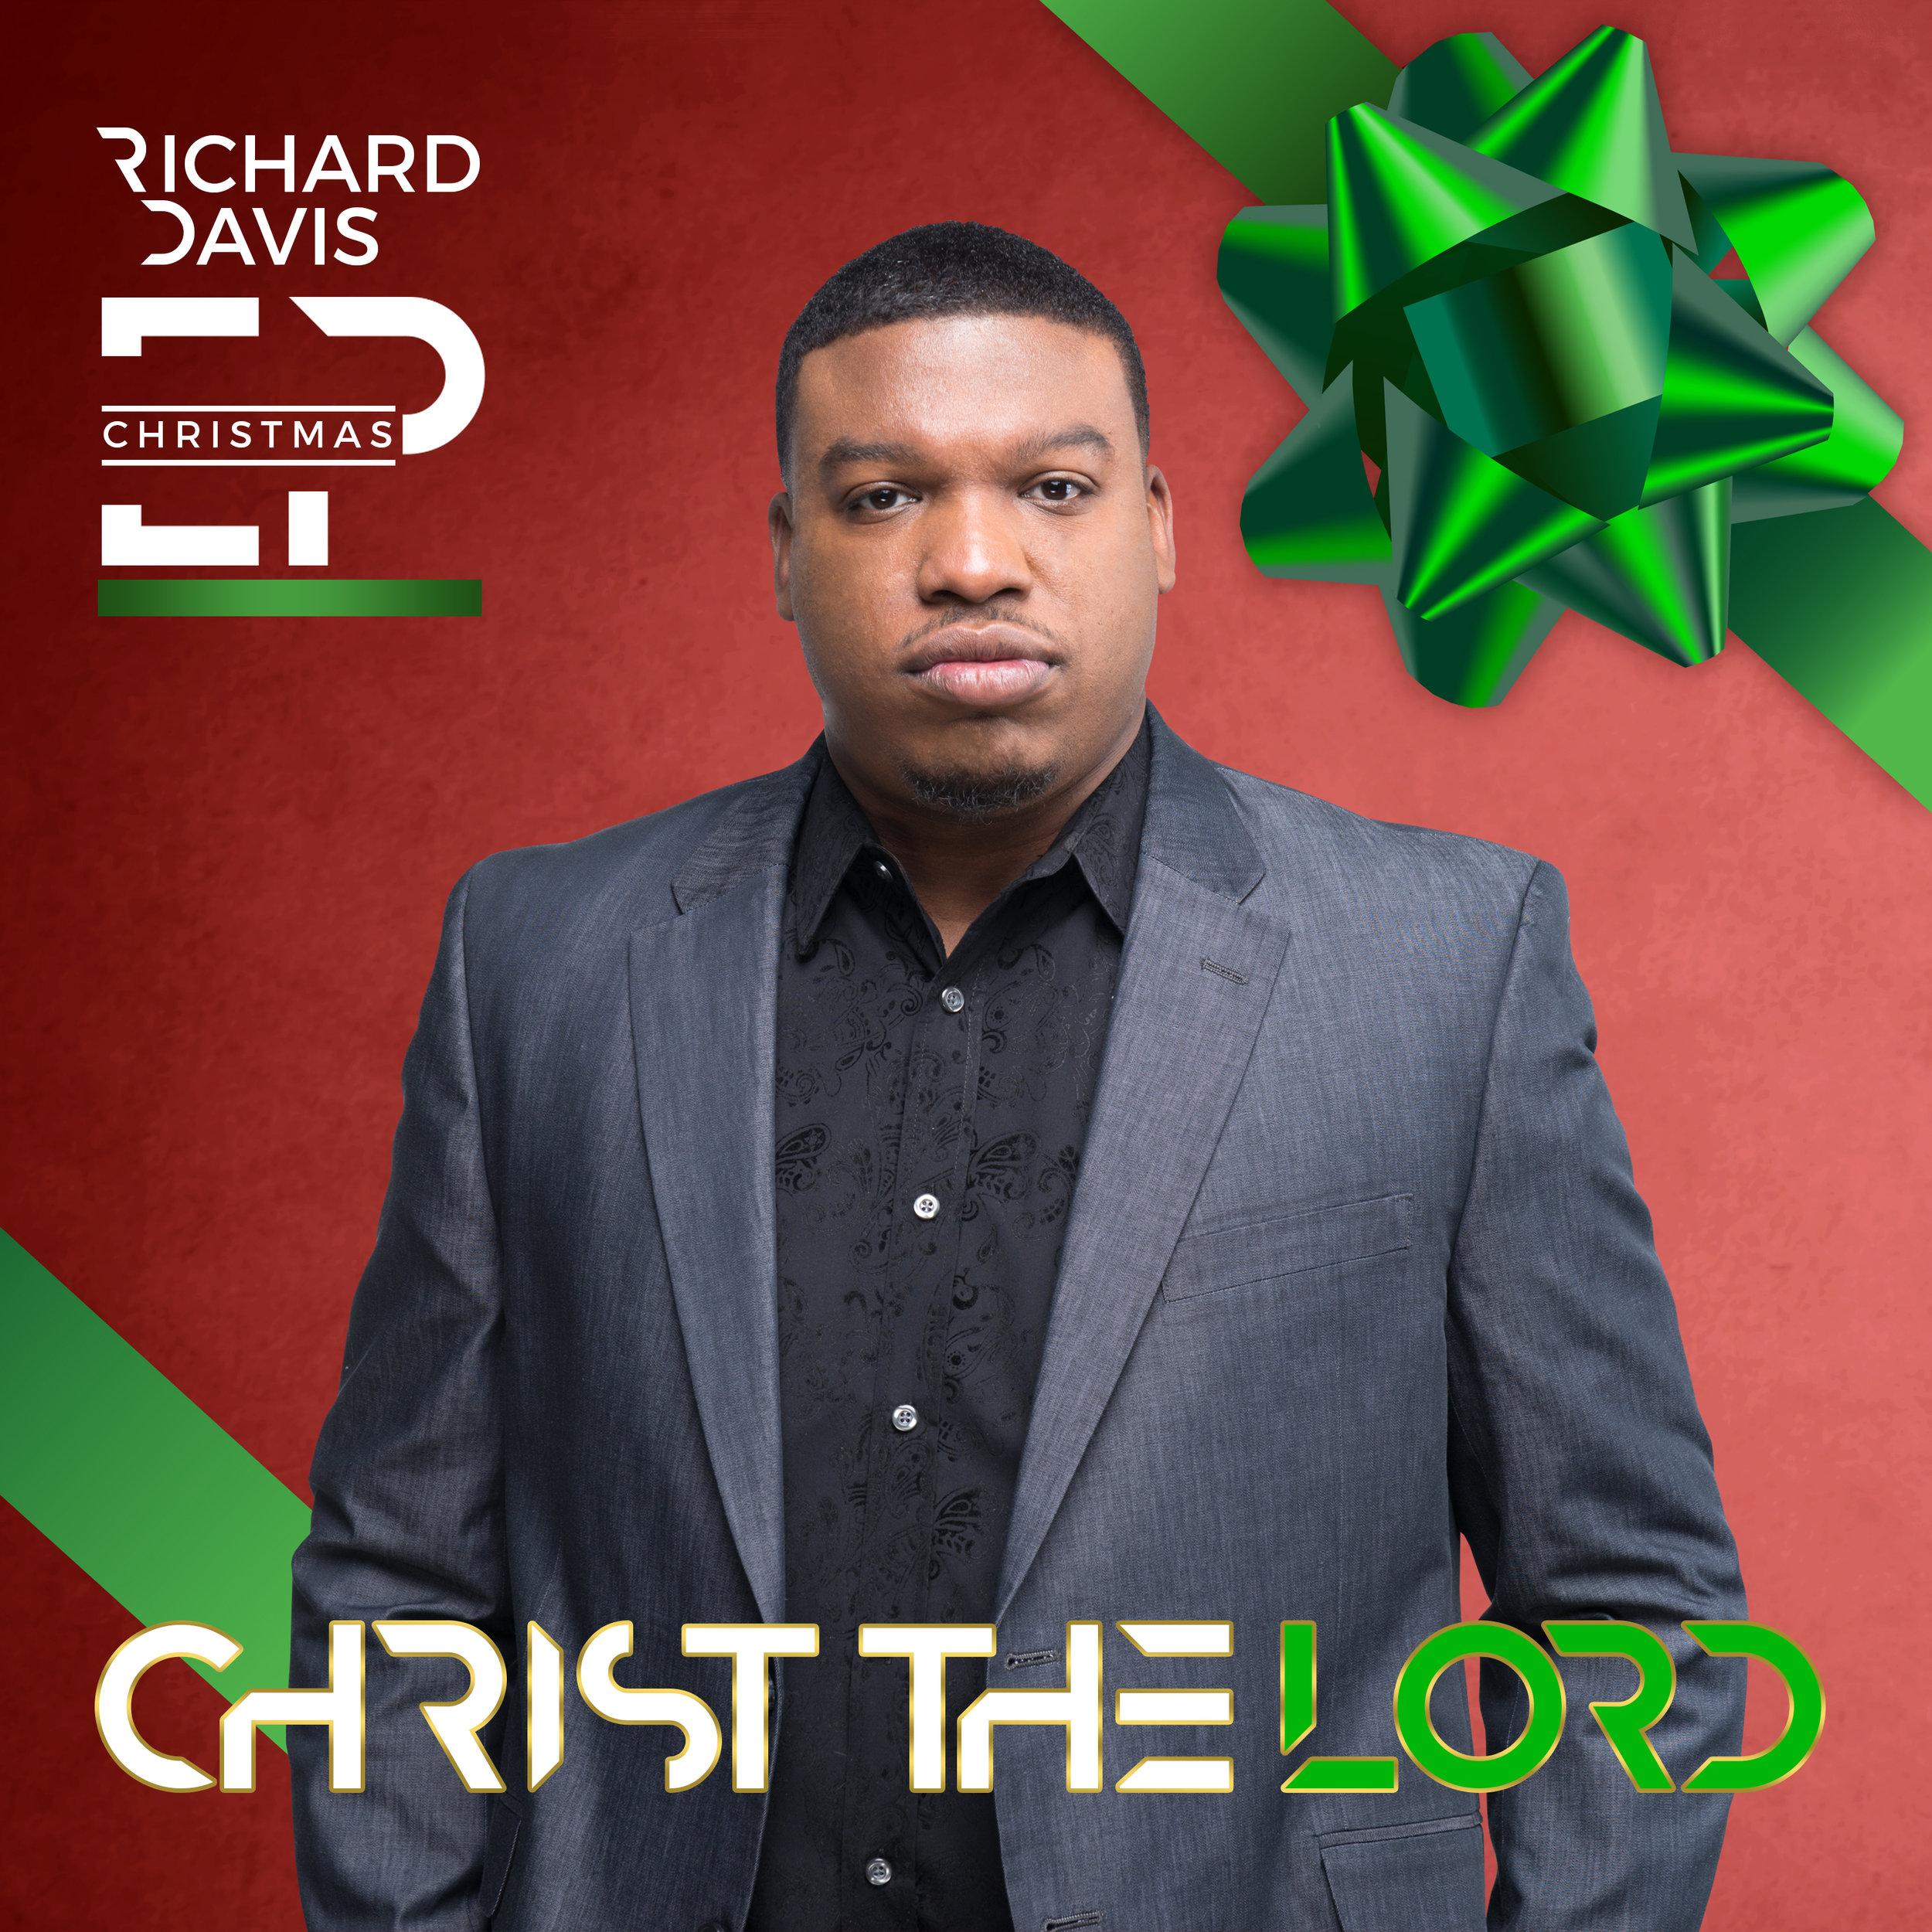 richard davis Christmas EP.jpg